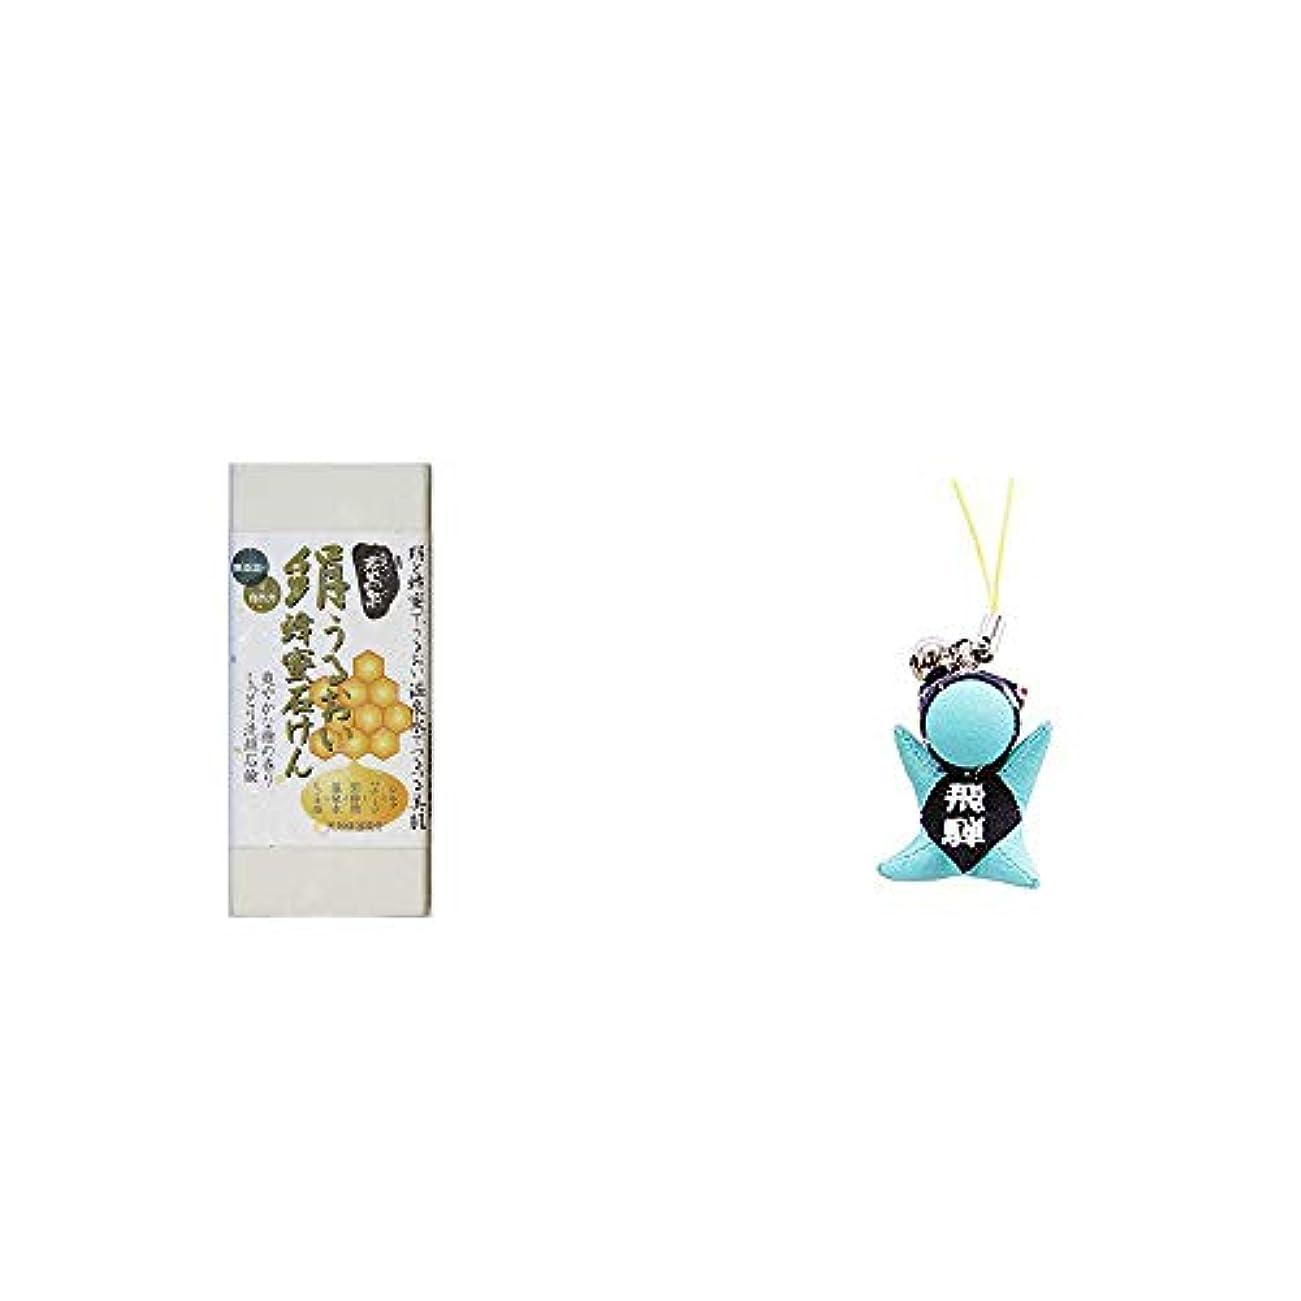 サイレン緊張する死にかけている[2点セット] ひのき炭黒泉 絹うるおい蜂蜜石けん(75g×2)?さるぼぼ幸福ストラップ 【青】 / 風水カラー全9種類 合格祈願?出世祈願 お守り//